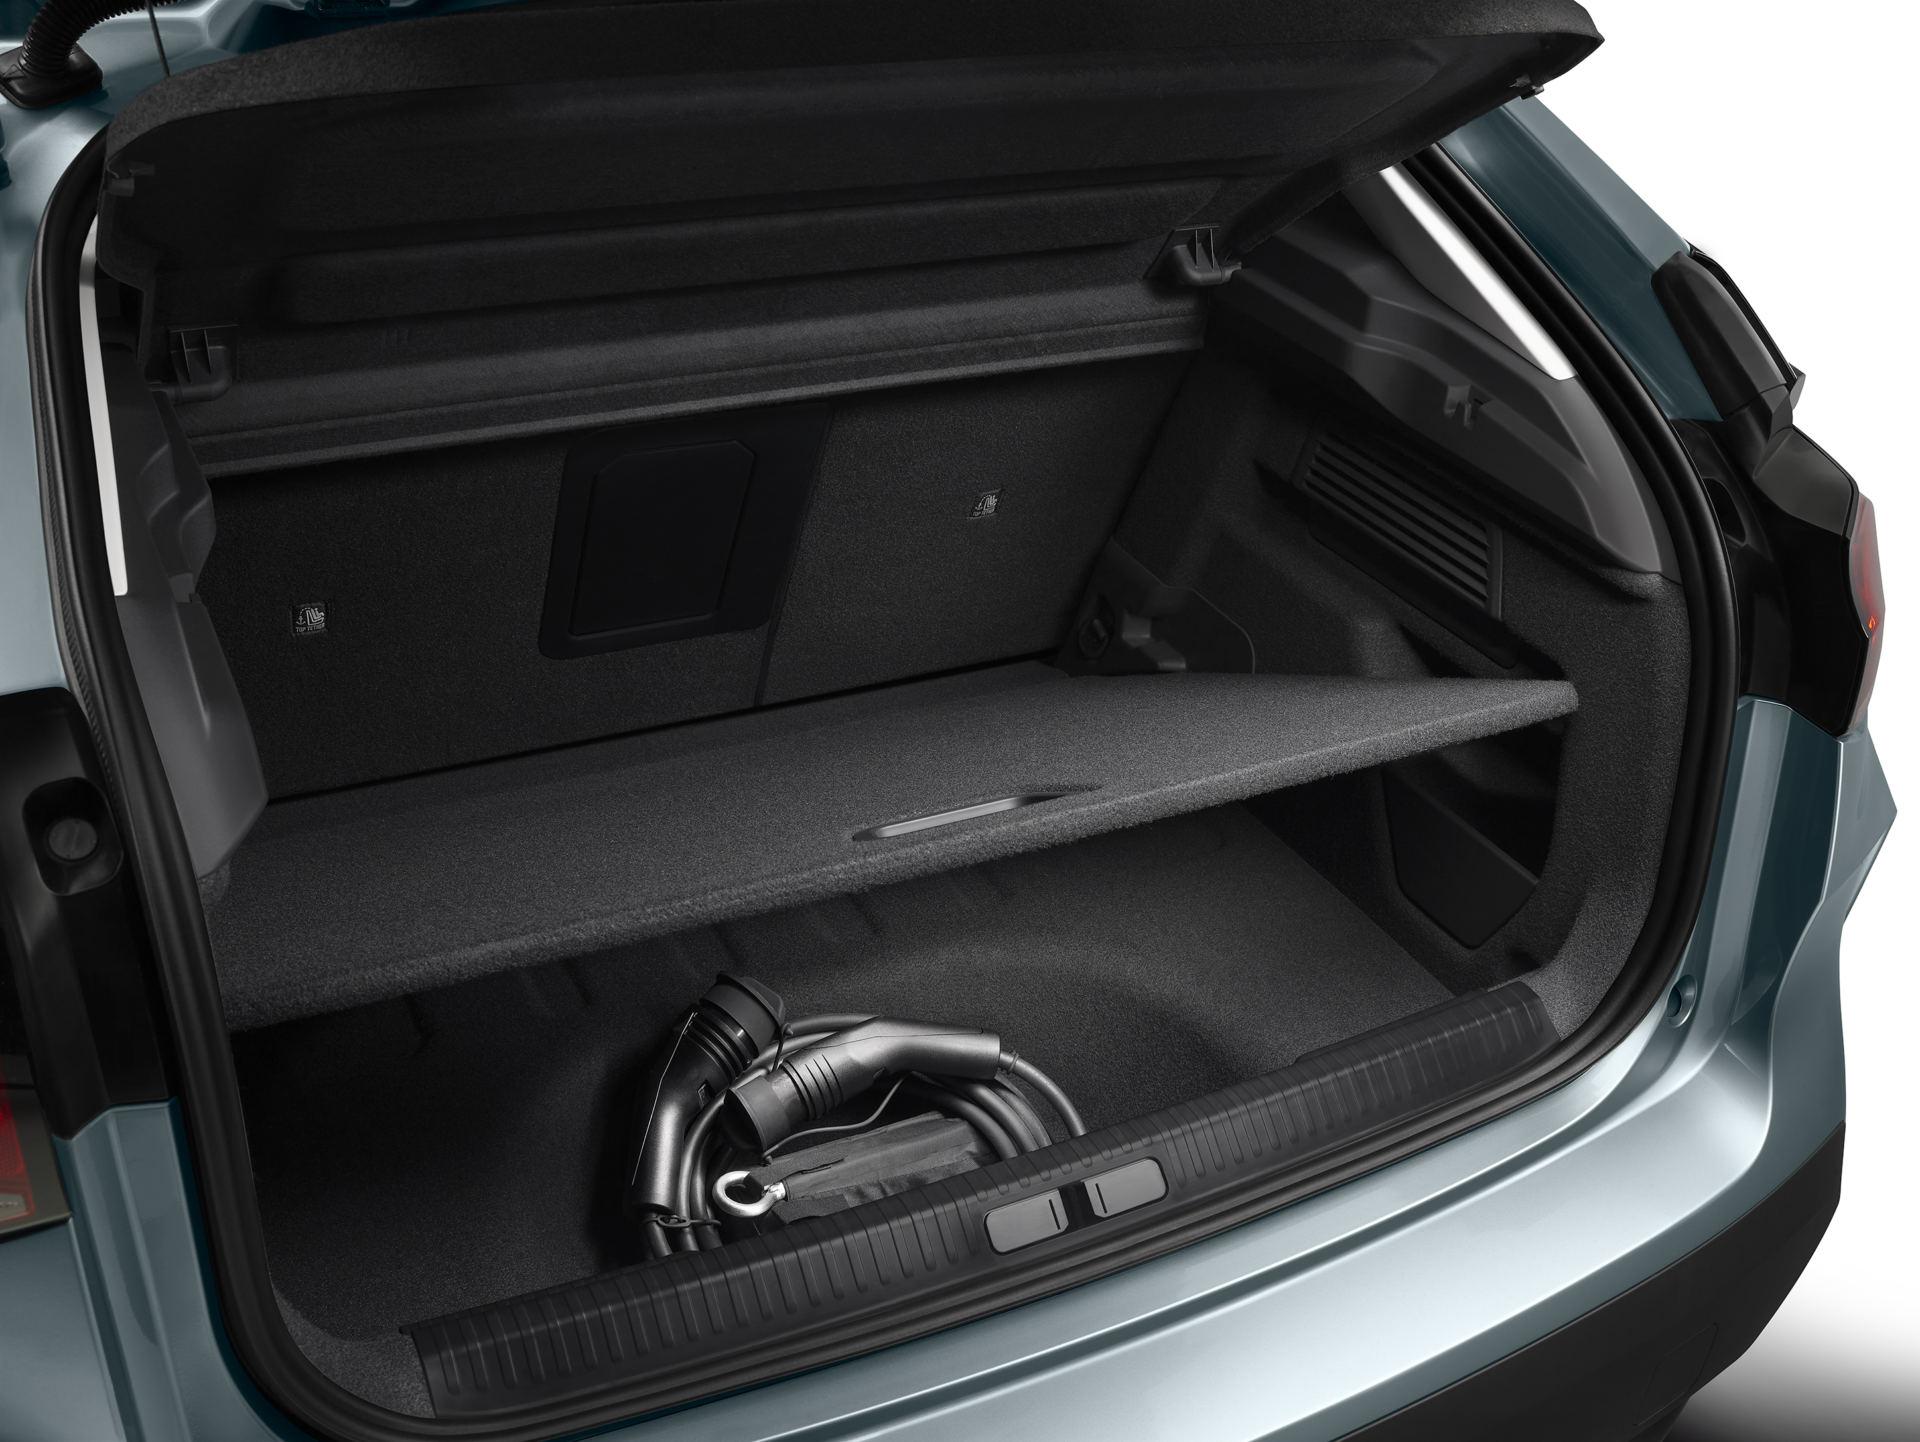 La valise offre 380 litres de volume et possède une trappe d'accès au compartiment inférieur qui, dans le C4 électrique, sert à ranger le câble de charge